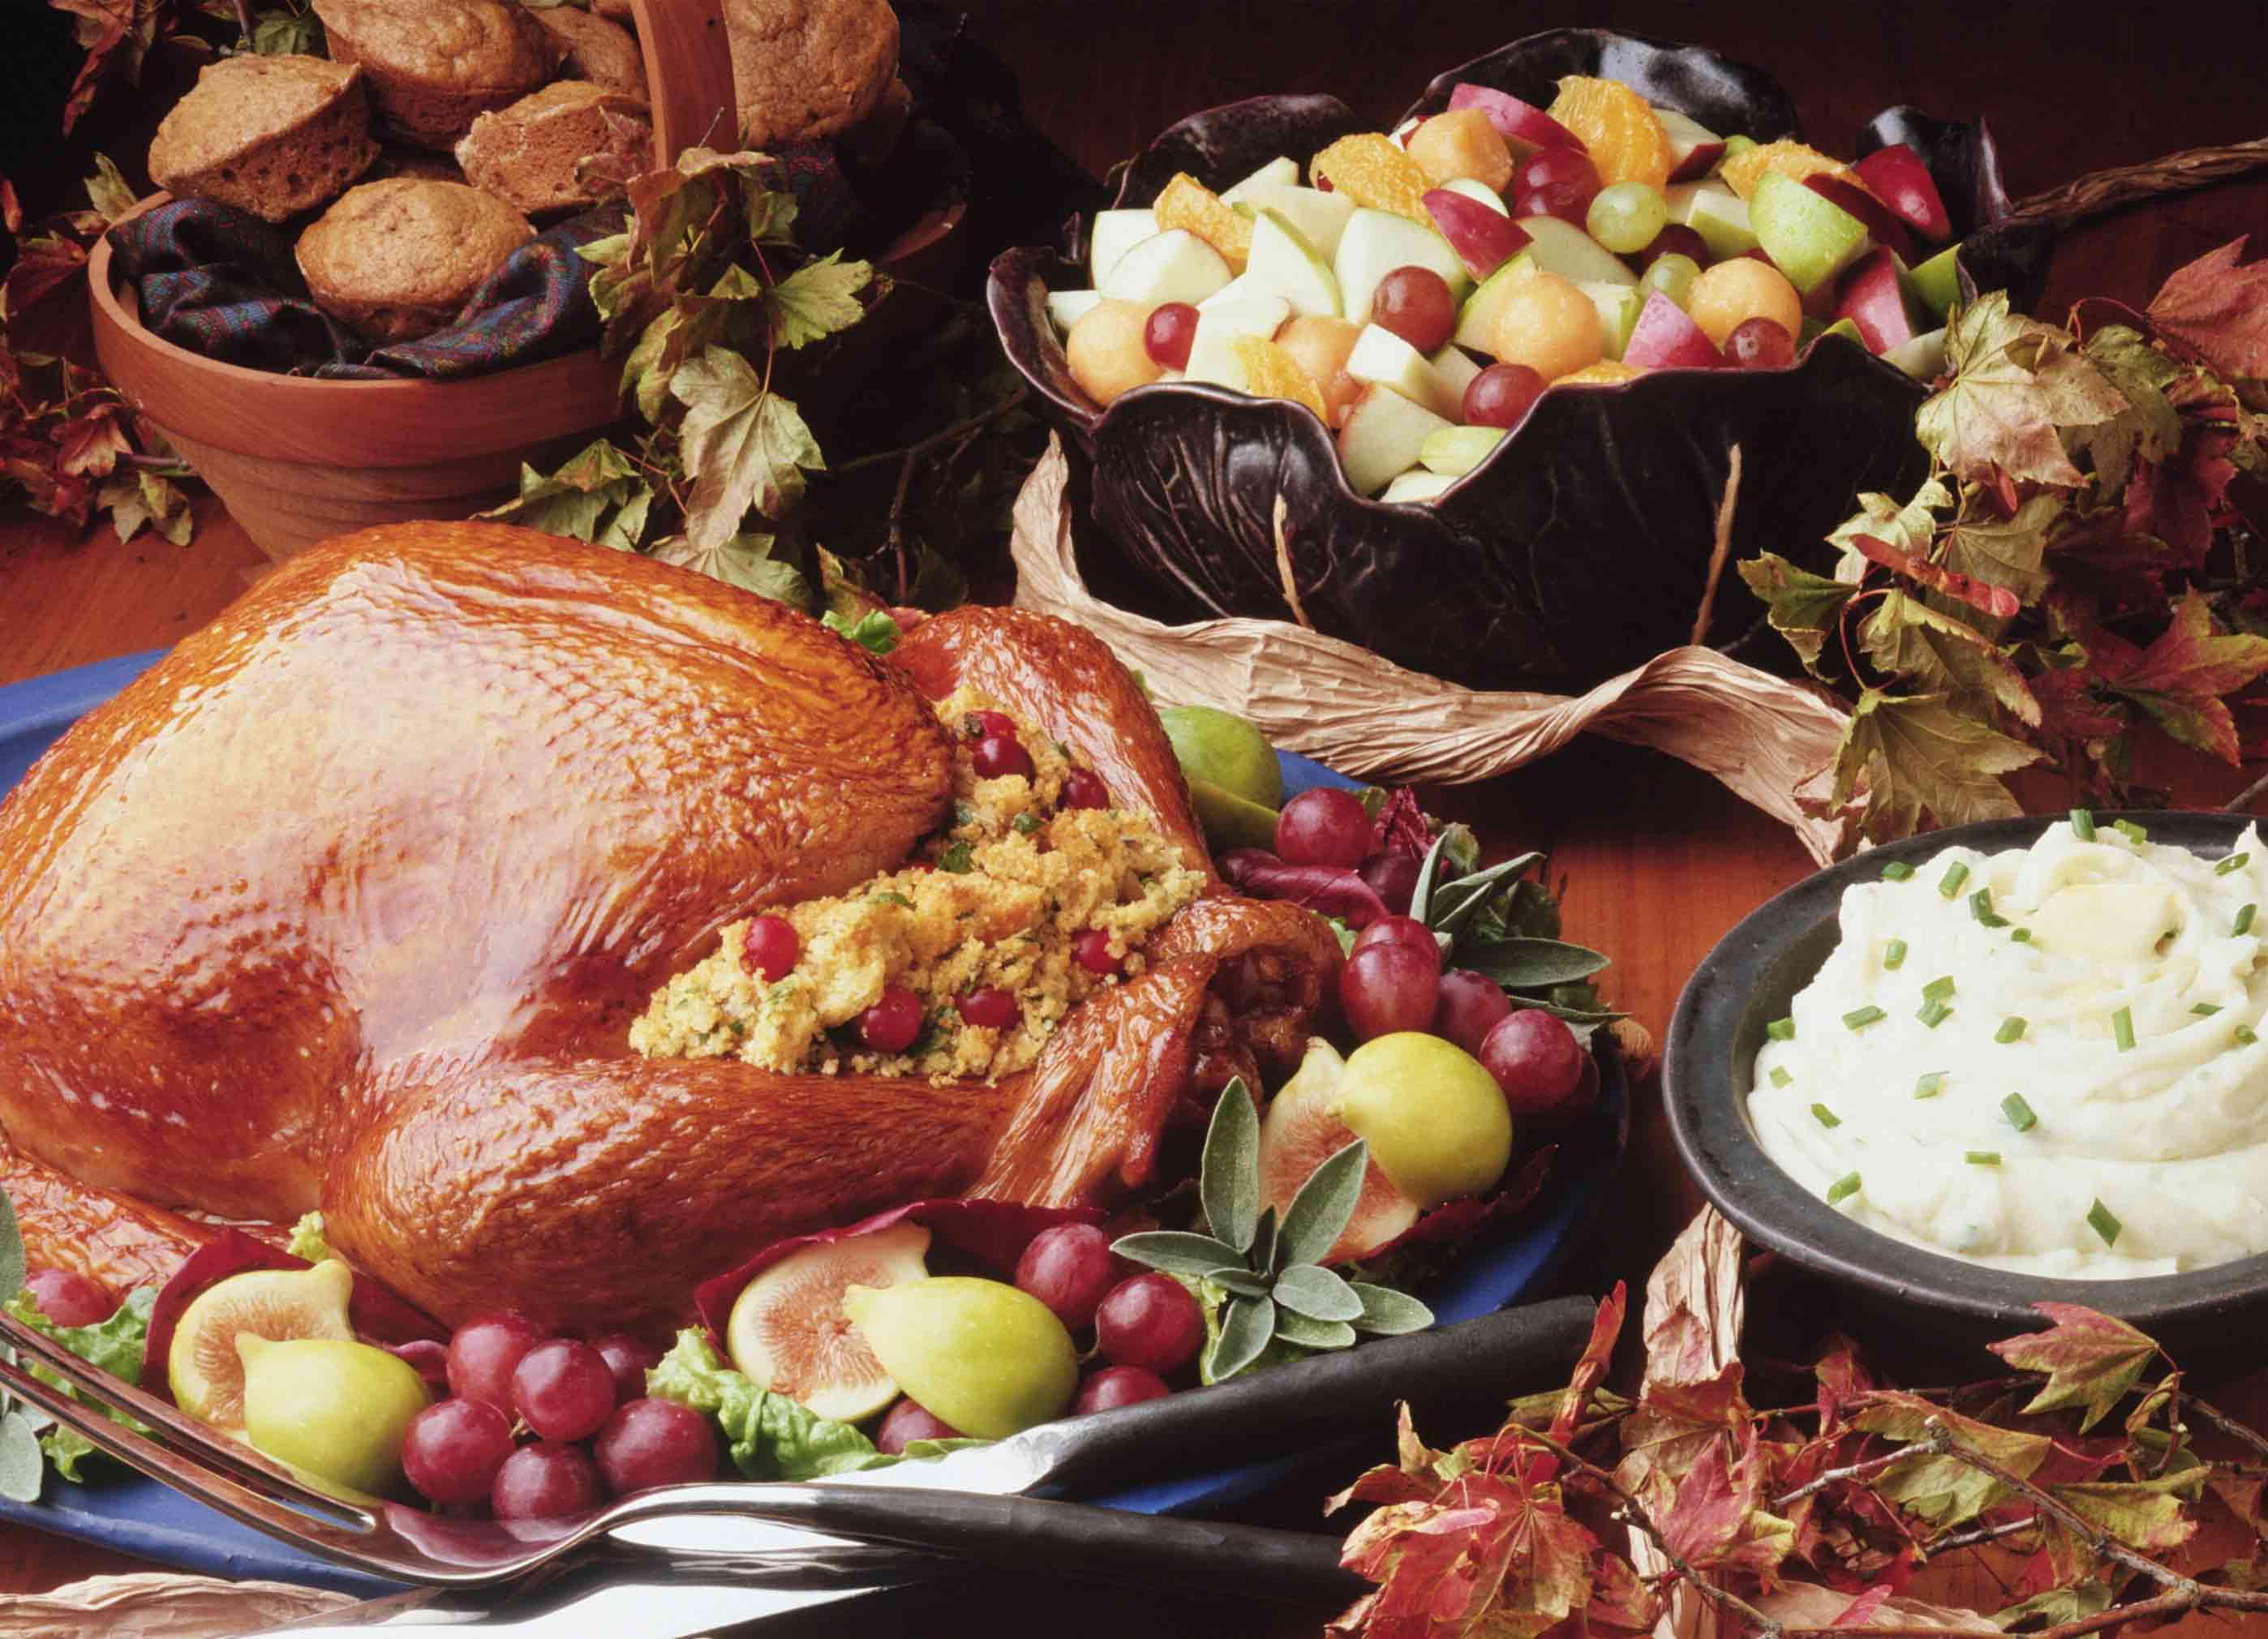 Thanksgiving Turkey Dinner  Northern Michigan Restaurants Serving Thanksgiving Dinner